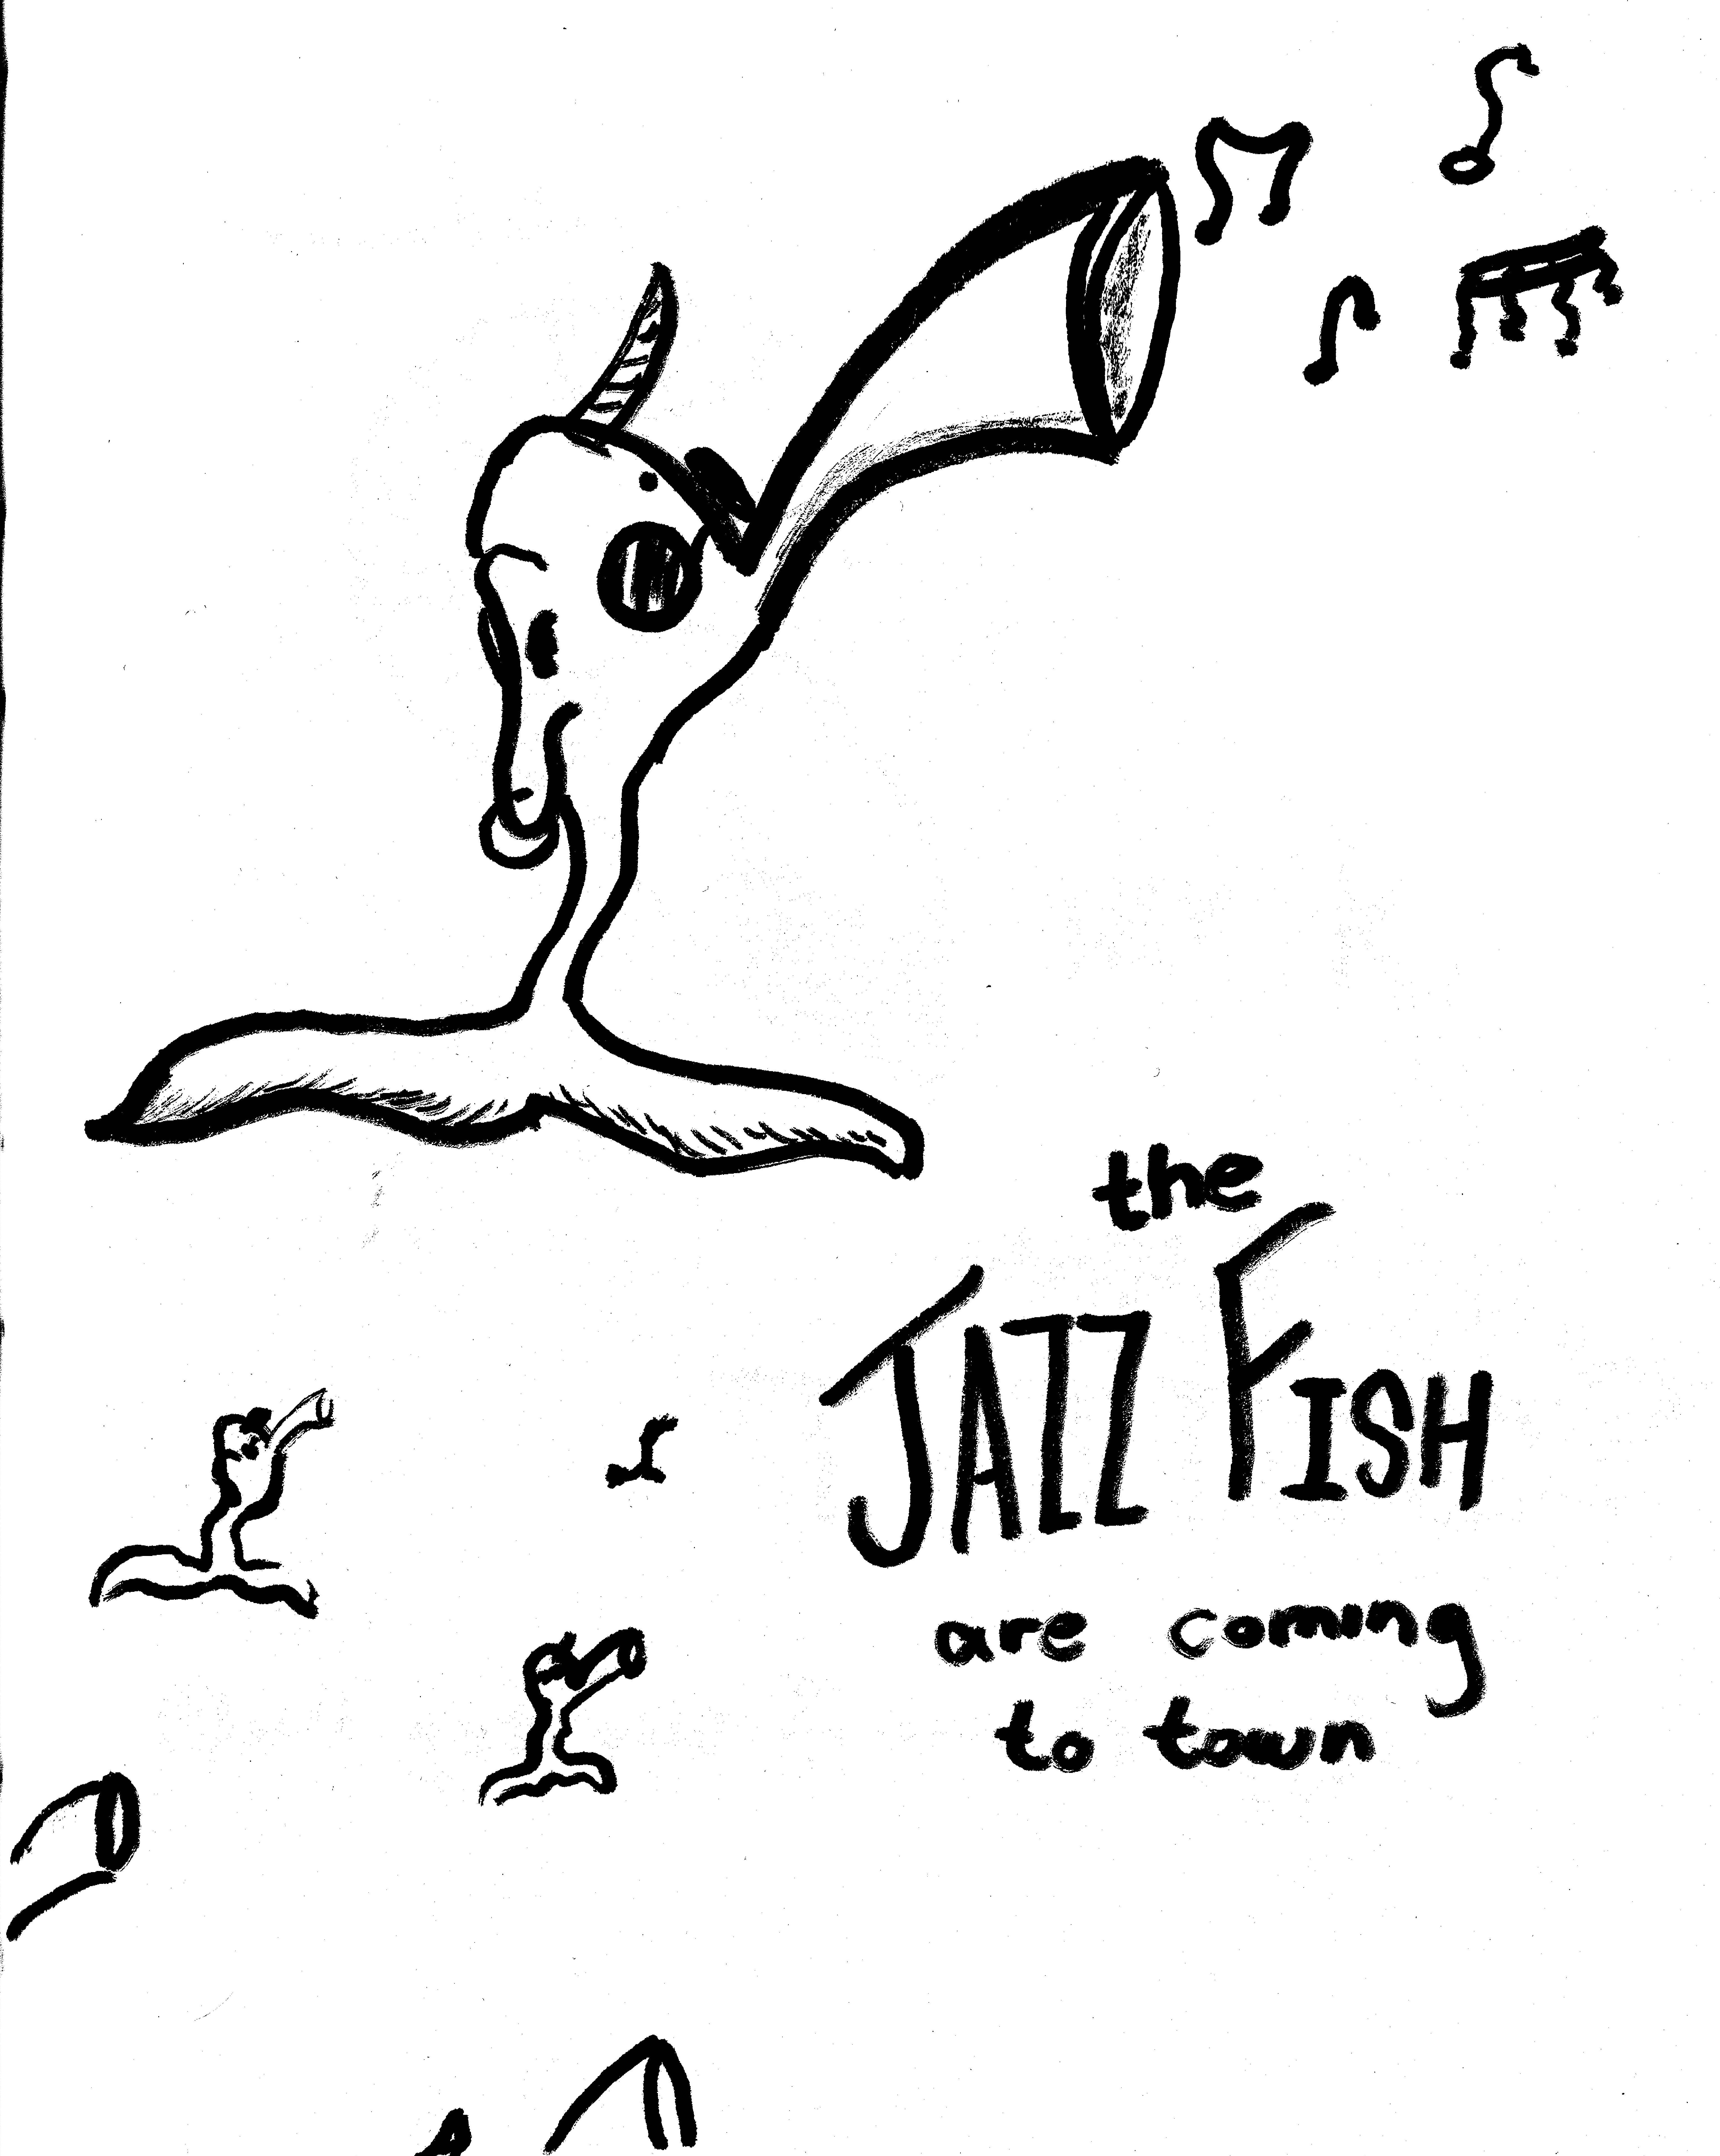 Jazz_Fish